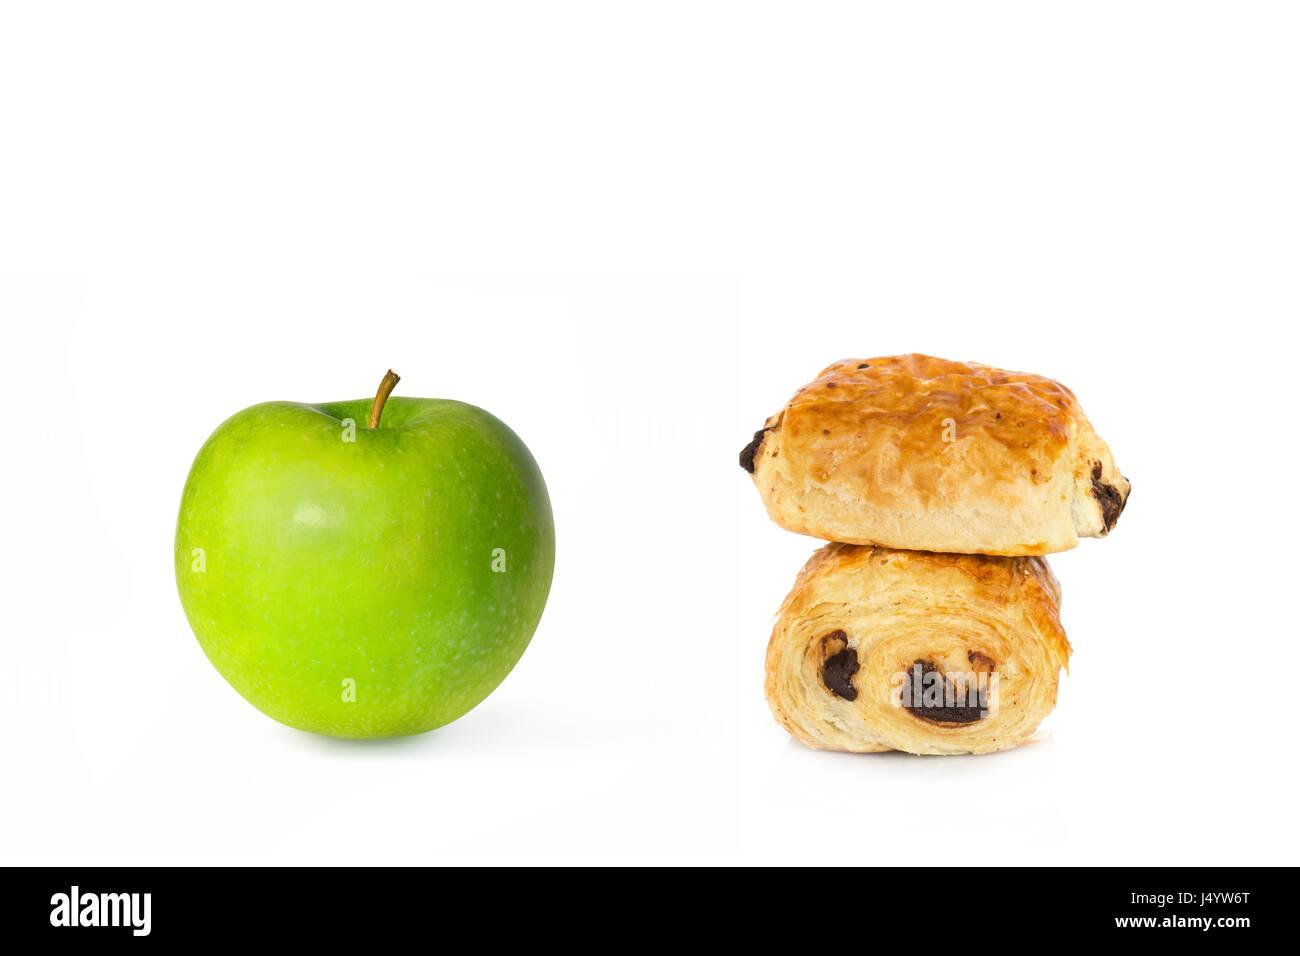 Schokoladencroissants und ein grüner Apfel auf weißem Hintergrund, gesund oder ungesund essen Wahl Konzept Stockbild